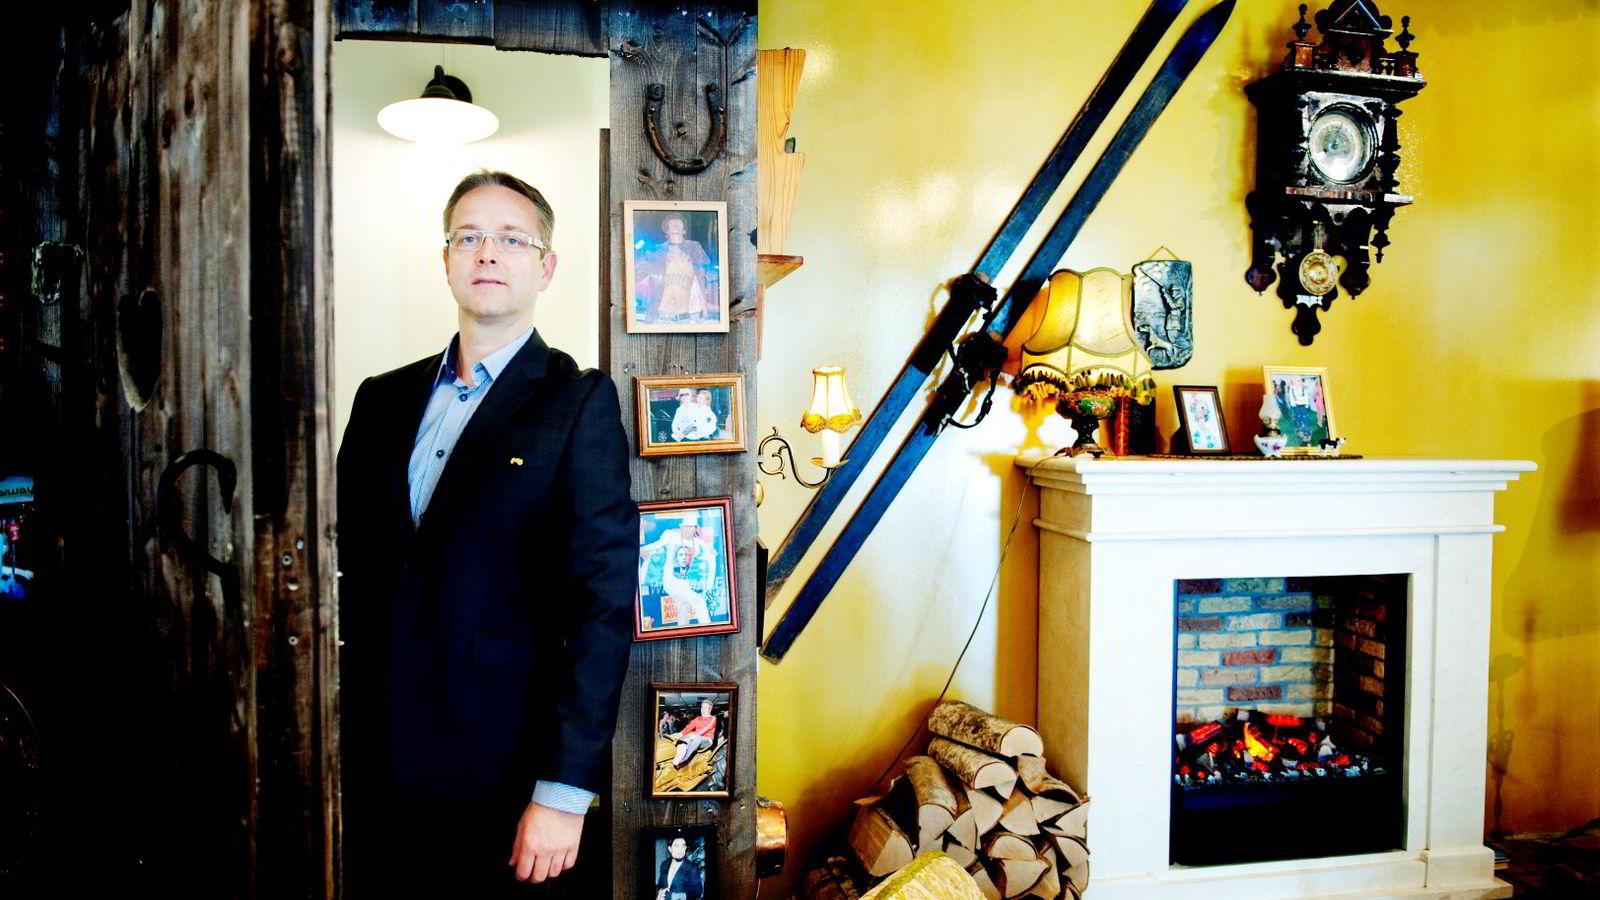 ETTERTRAKTET. Moods of Norway-sjef Nils Are Karstad Lysø (45) er en «tallknekker i verdensklasse», ifølge styreleder Ellen Horn i Den Norske Opera og Ballett.